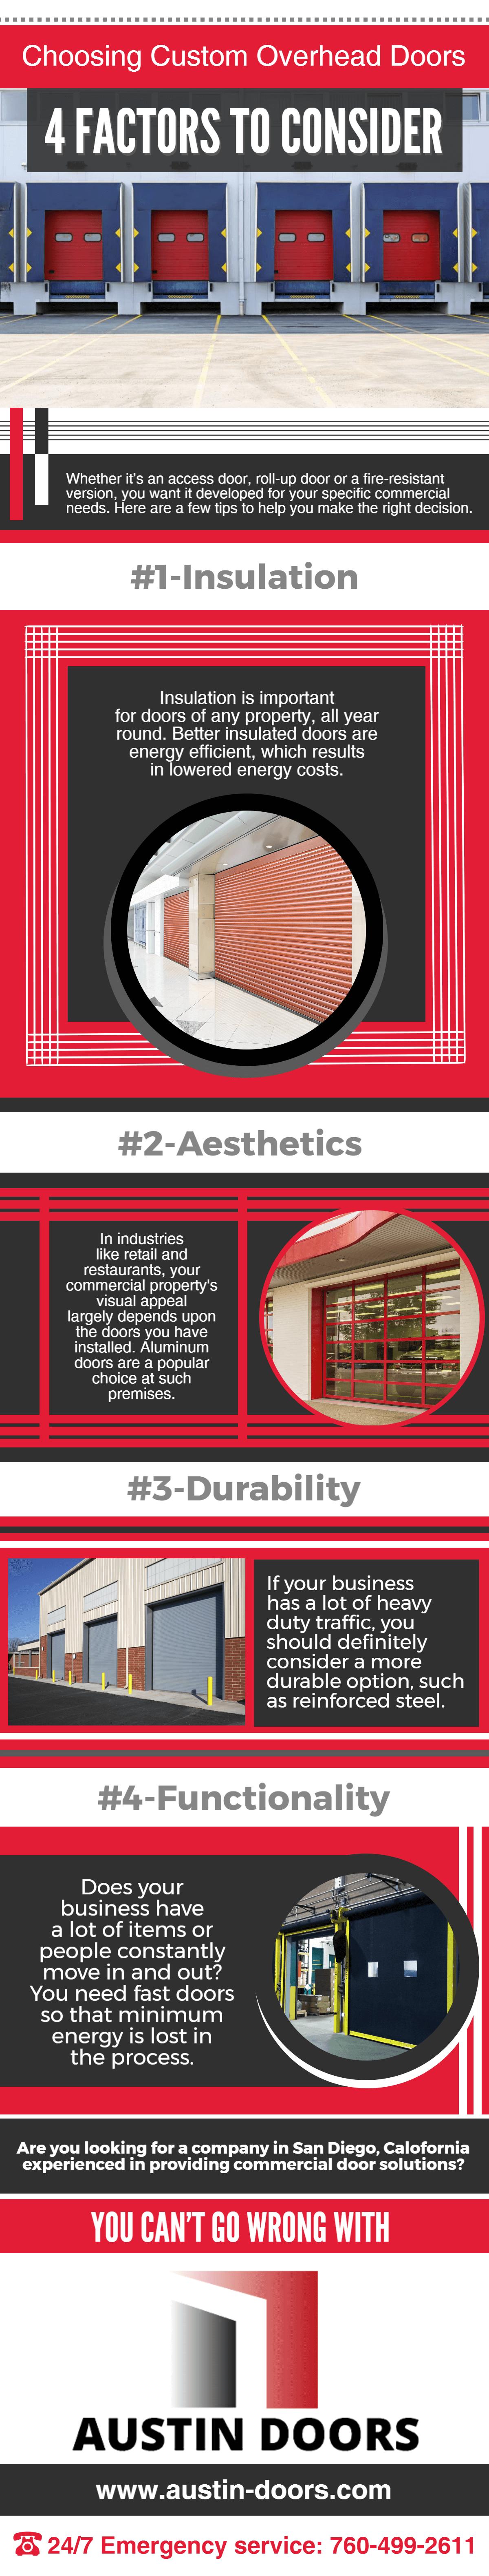 Choosing Custom Overhead Doors- 4 Factors to Consider